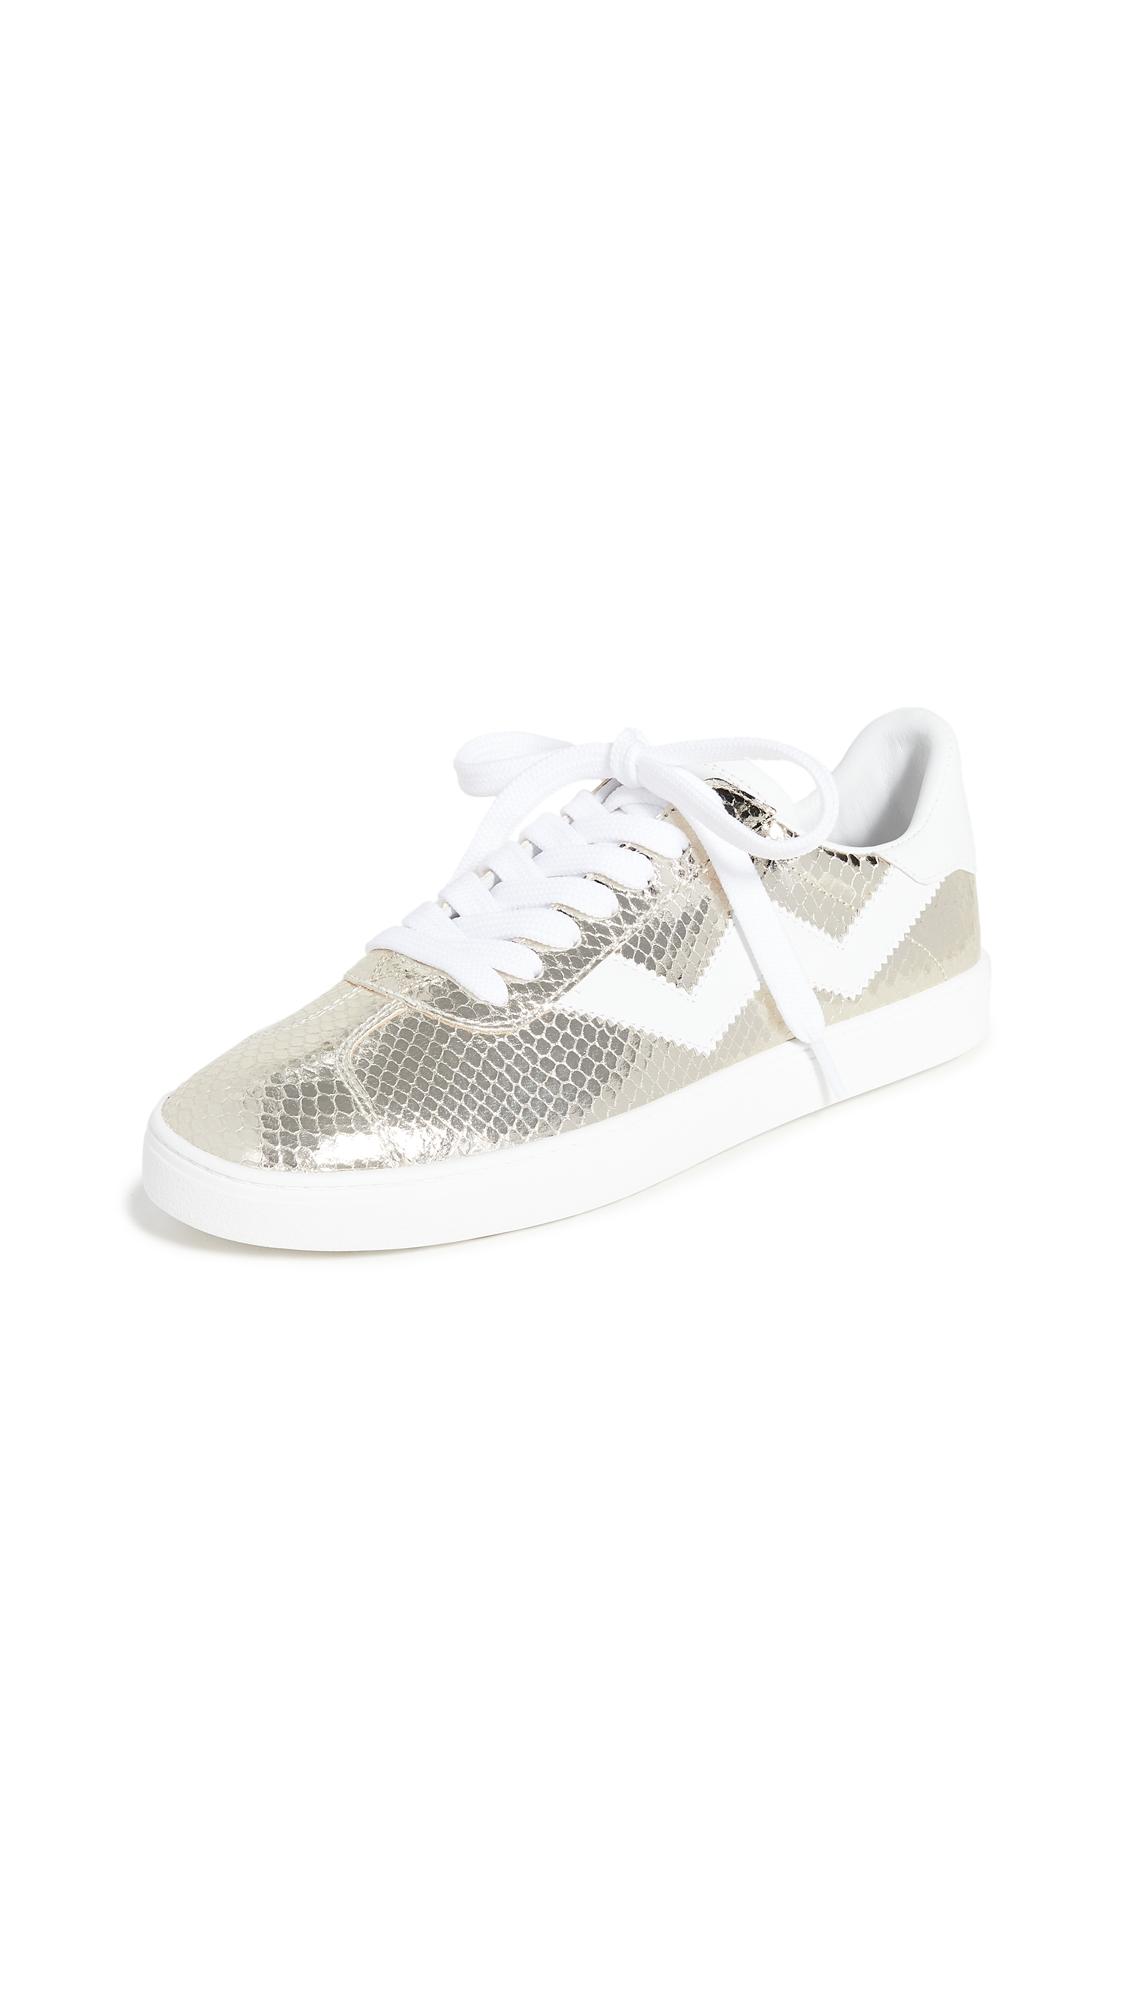 Buy Stuart Weitzman Daryl Sneakers online, shop Stuart Weitzman